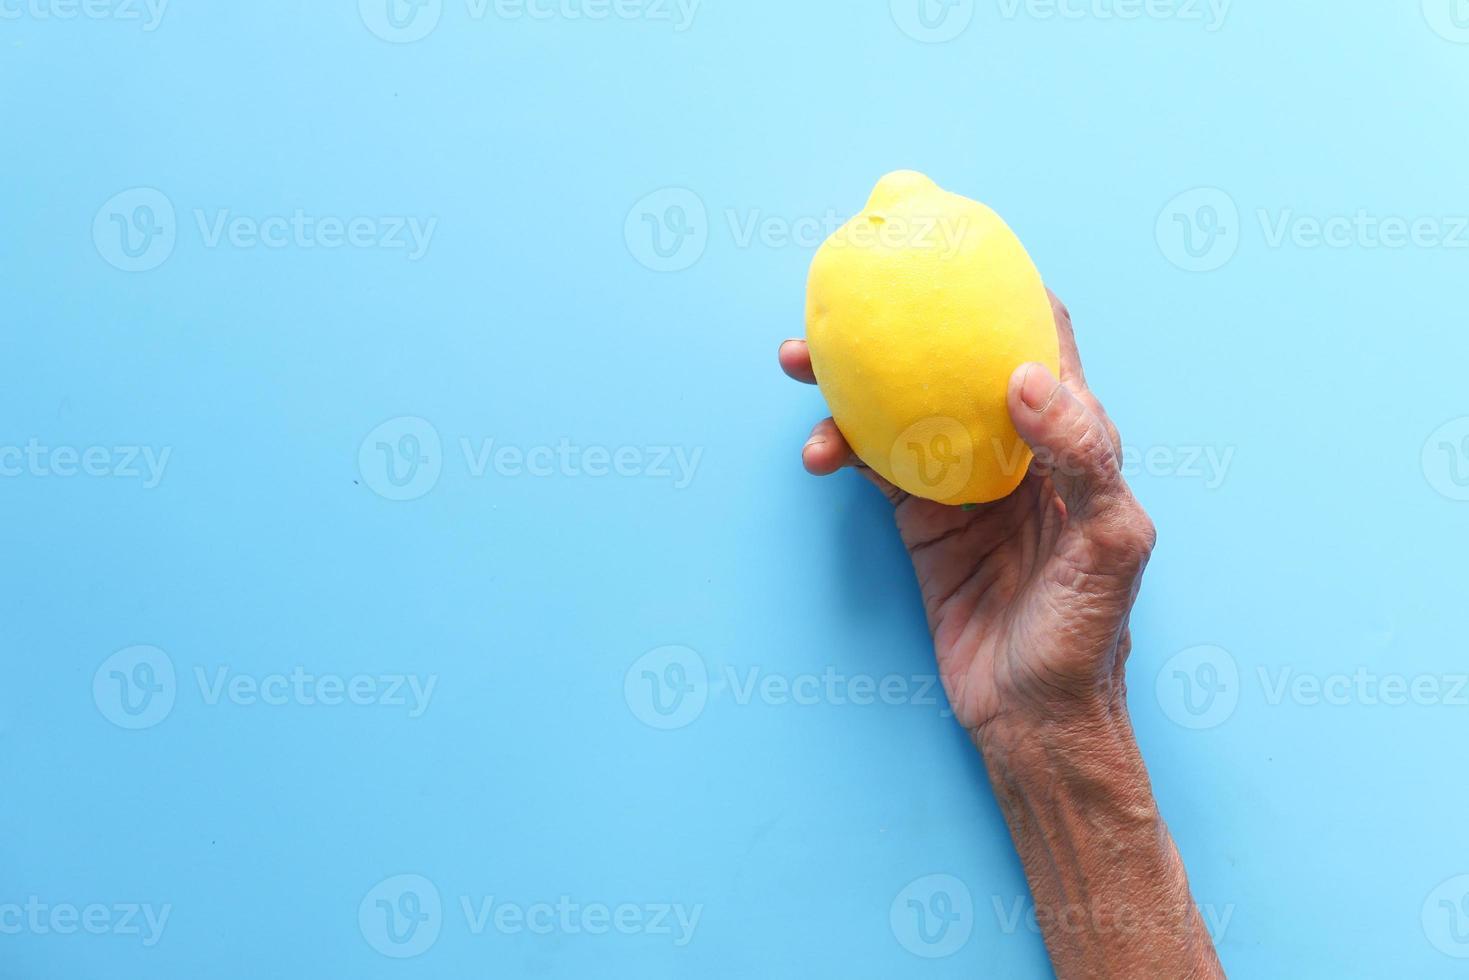 velha segurando limão sobre fundo azul foto